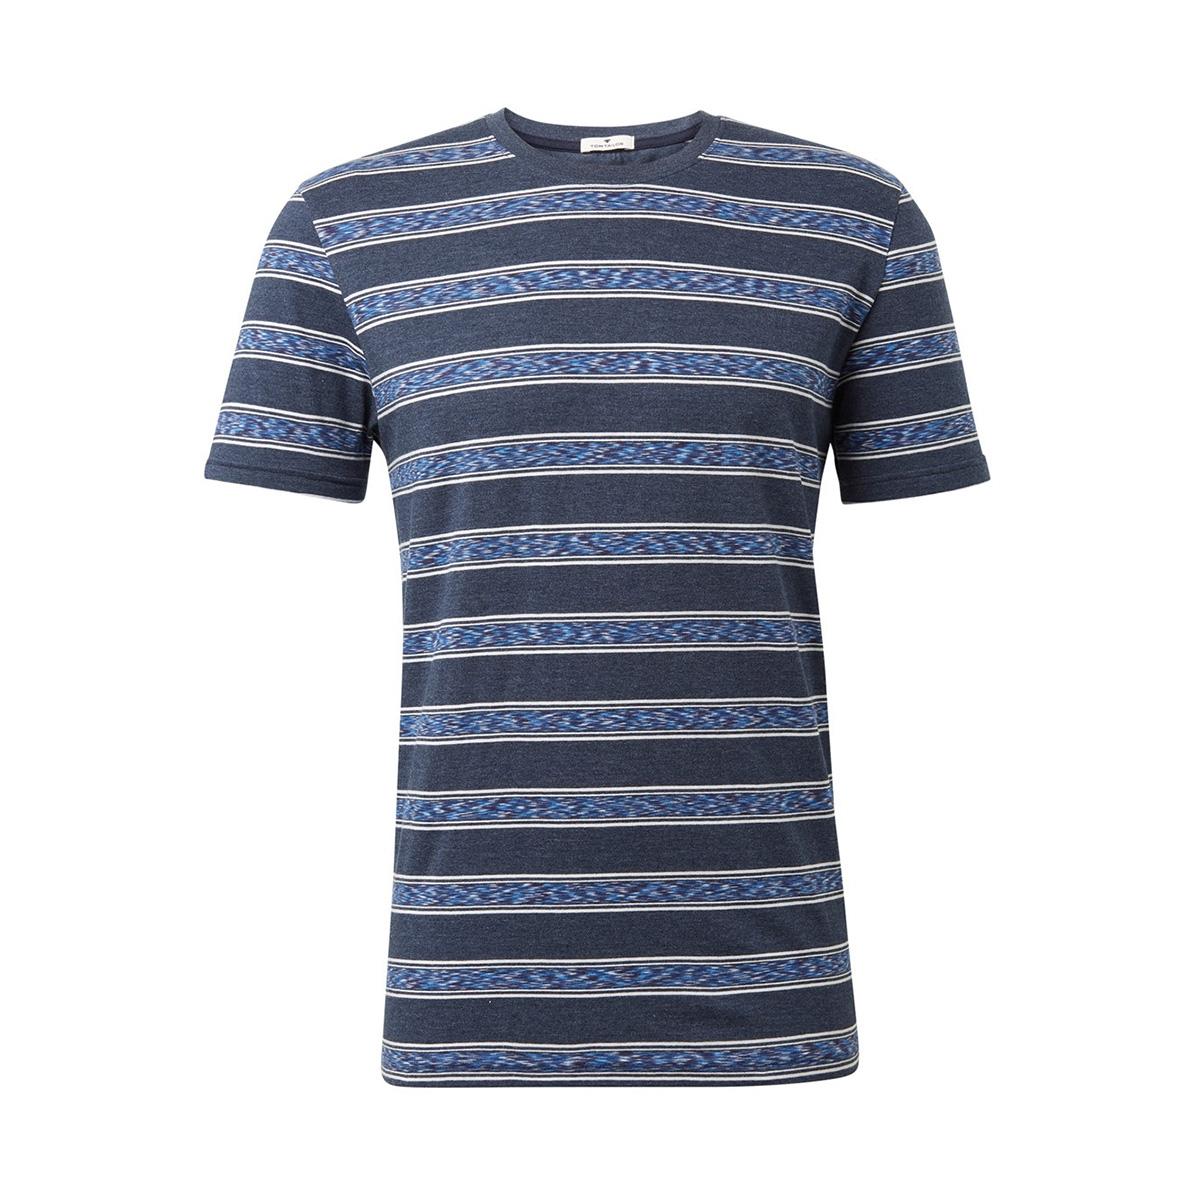 gestreept t shirt 1012844xx10 tom tailor t-shirt 19013